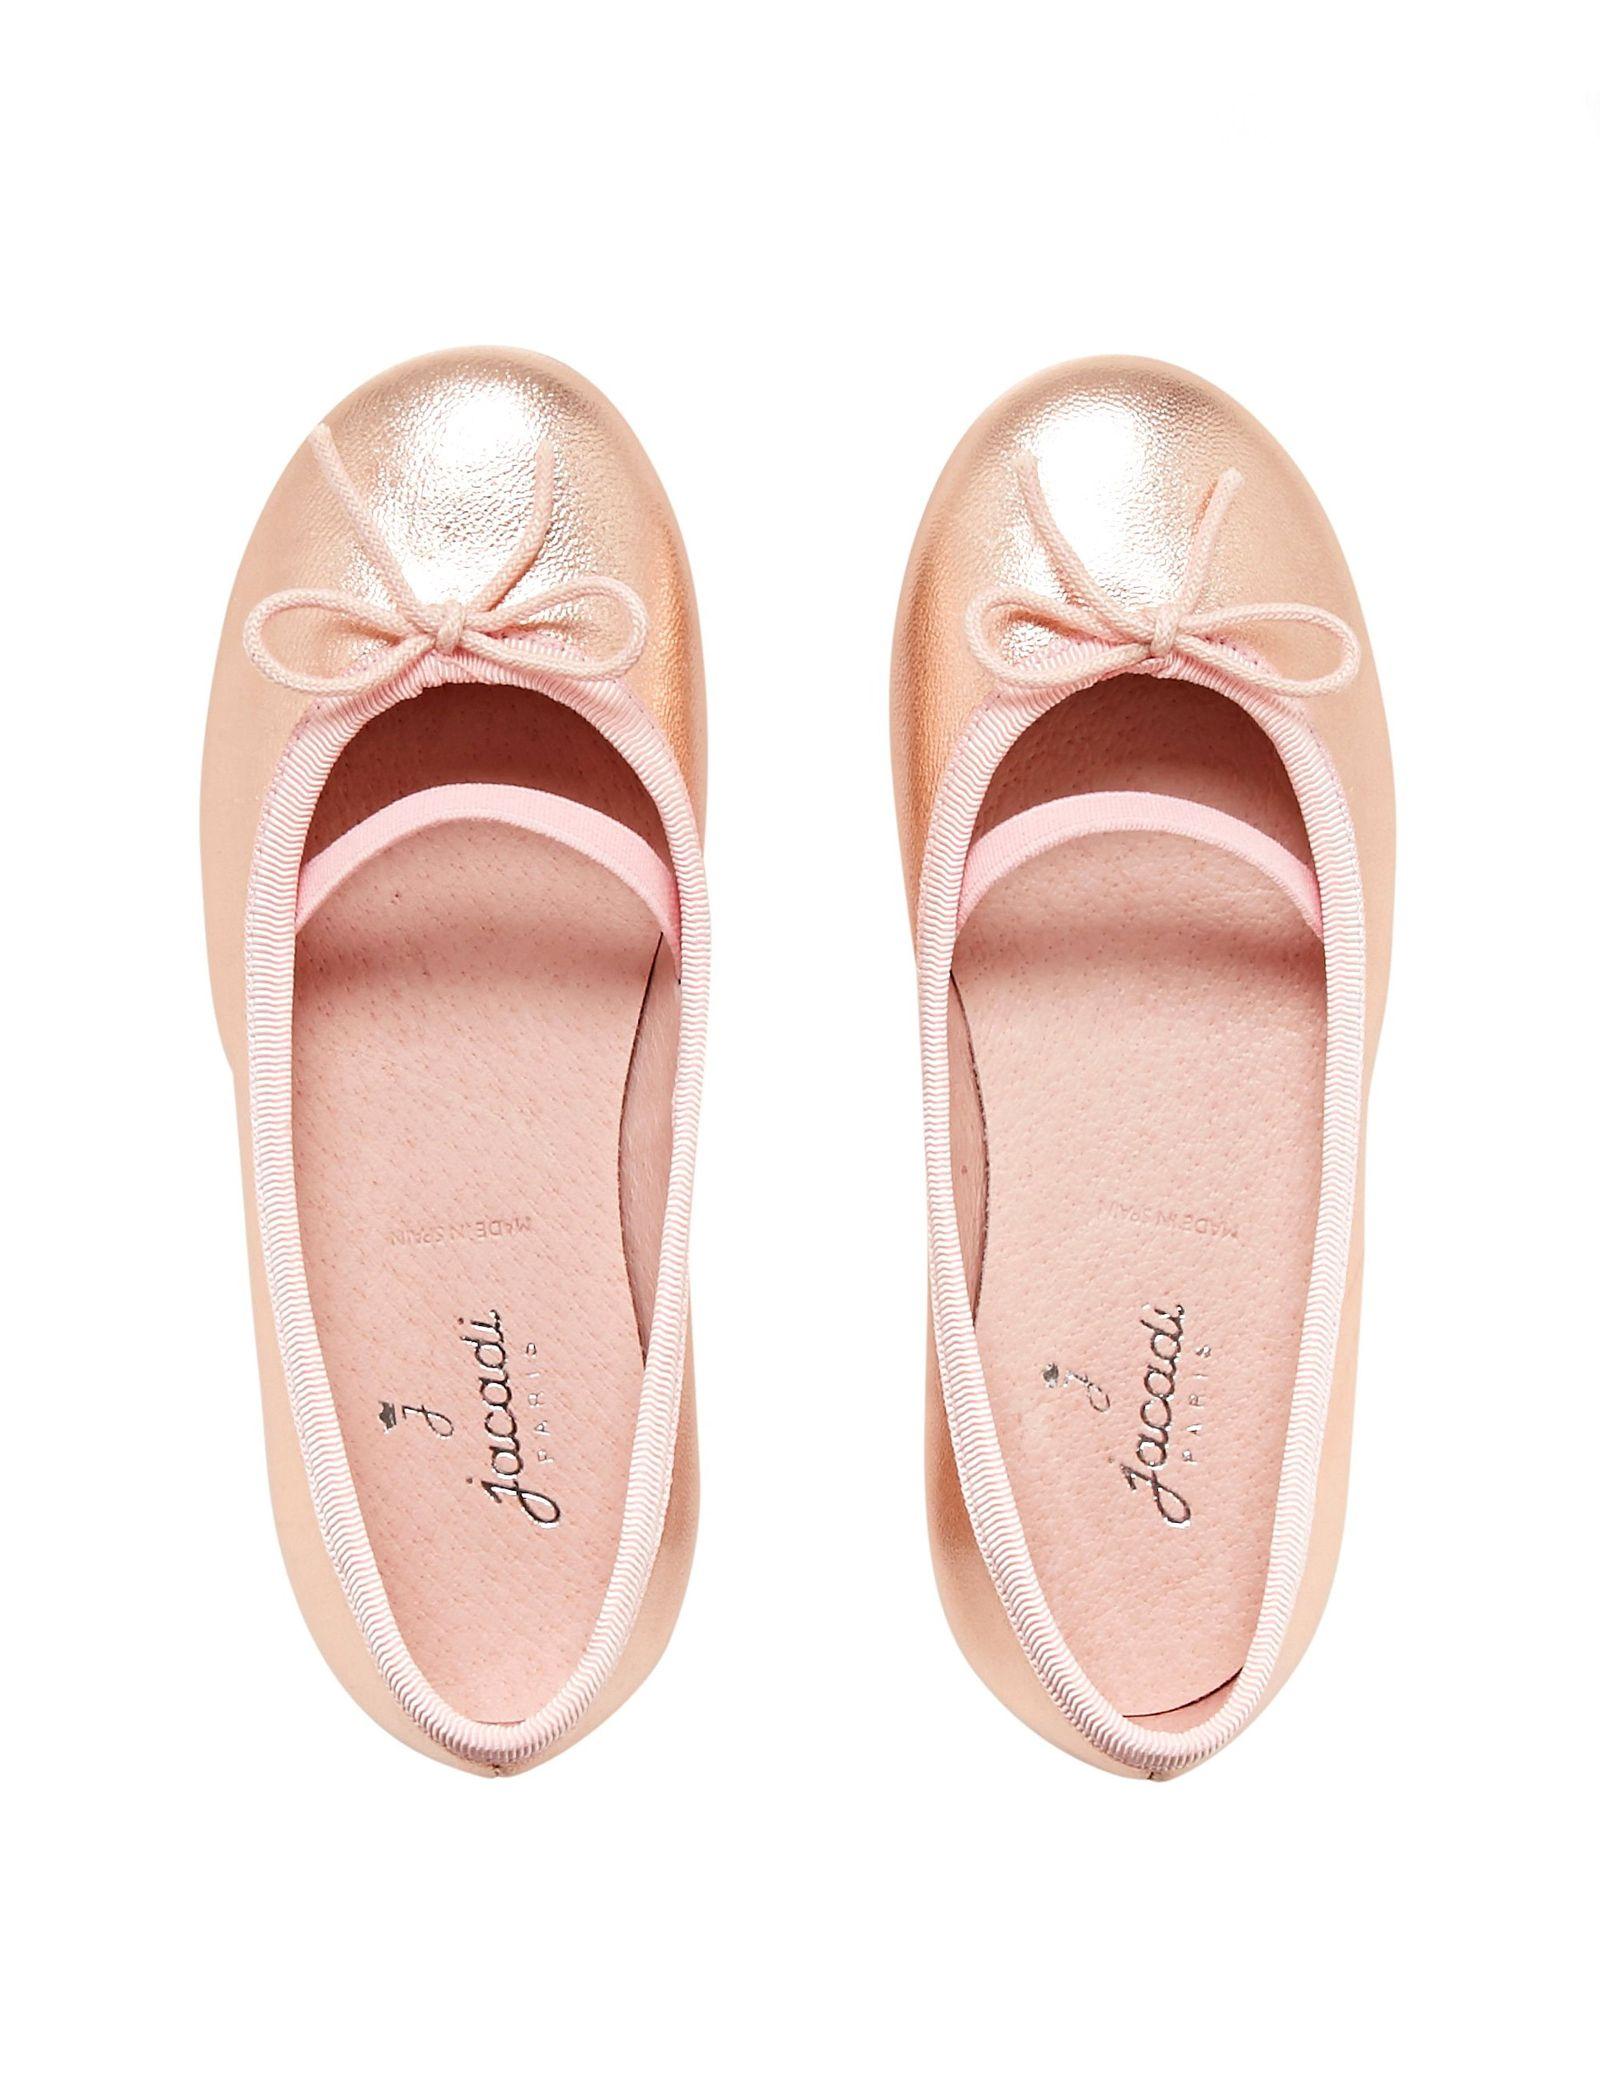 کفش تخت چرم عروسکی دخترانه Dittle Irisee - جاکادی - رزگلد - 2